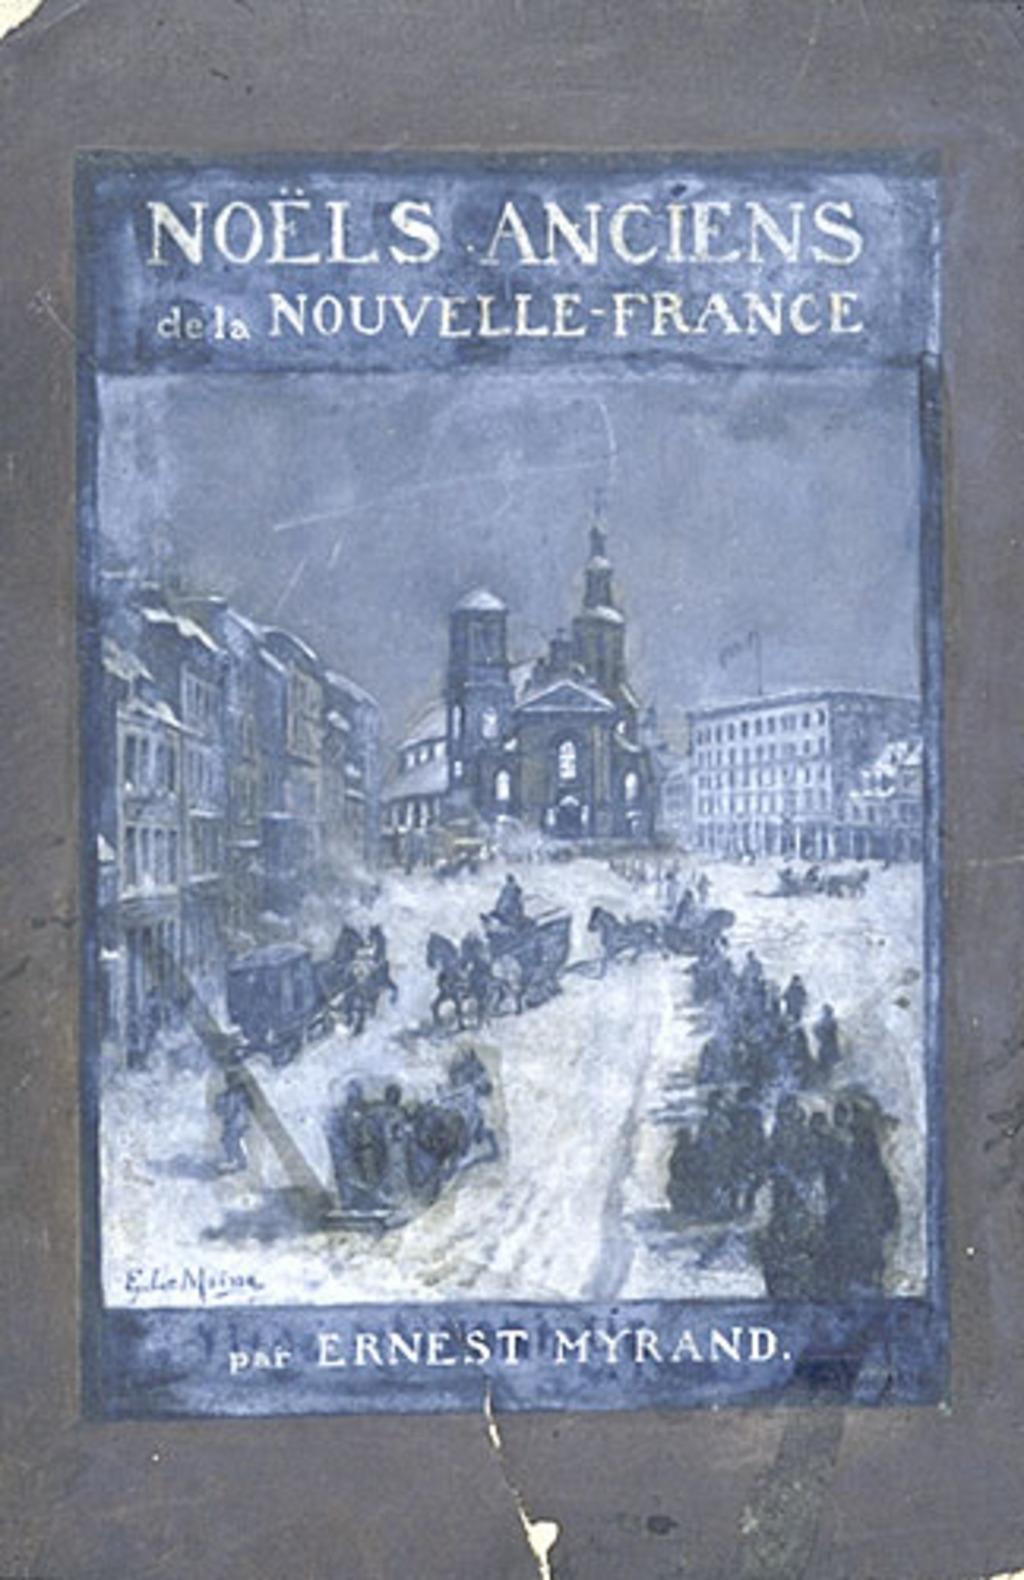 La Messe de Minuit à Québec. Illustration pour les « Noëls anciens de la Nouvelle-France » d'Ernest Myrand